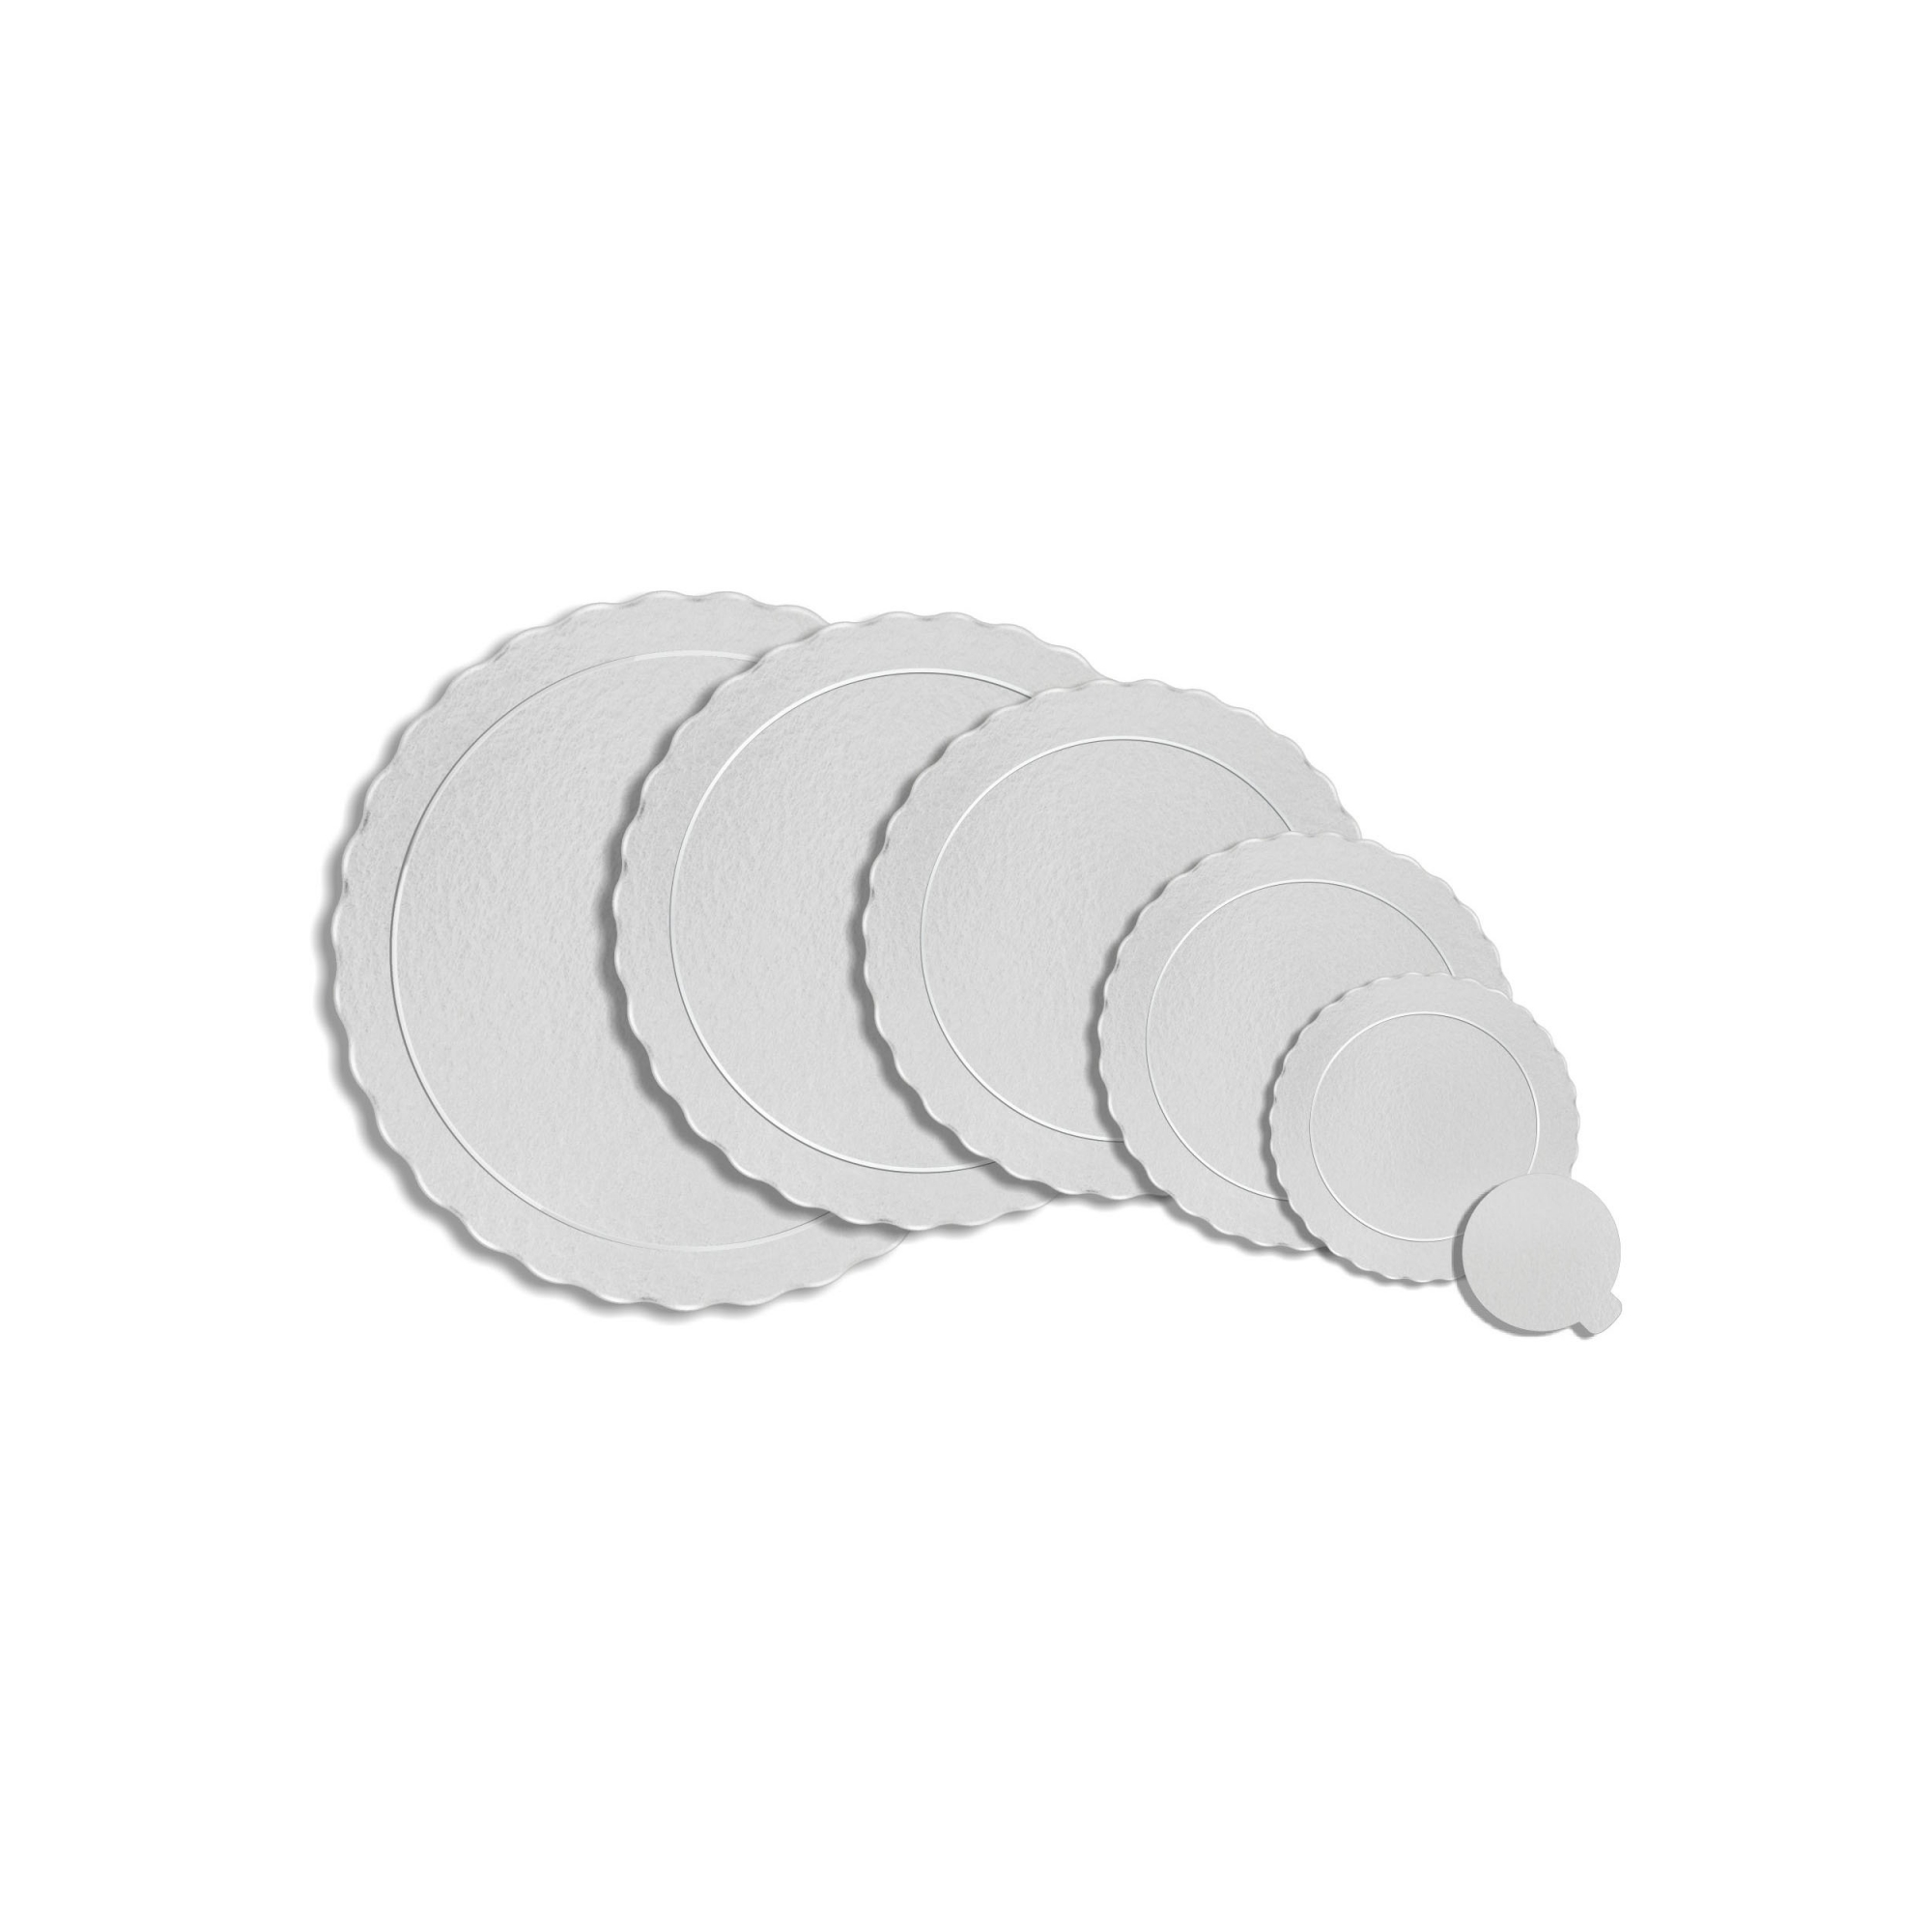 Kit 100 Bases Laminadas Para Bolo, Cake Board, 24 e 28cm - Branco